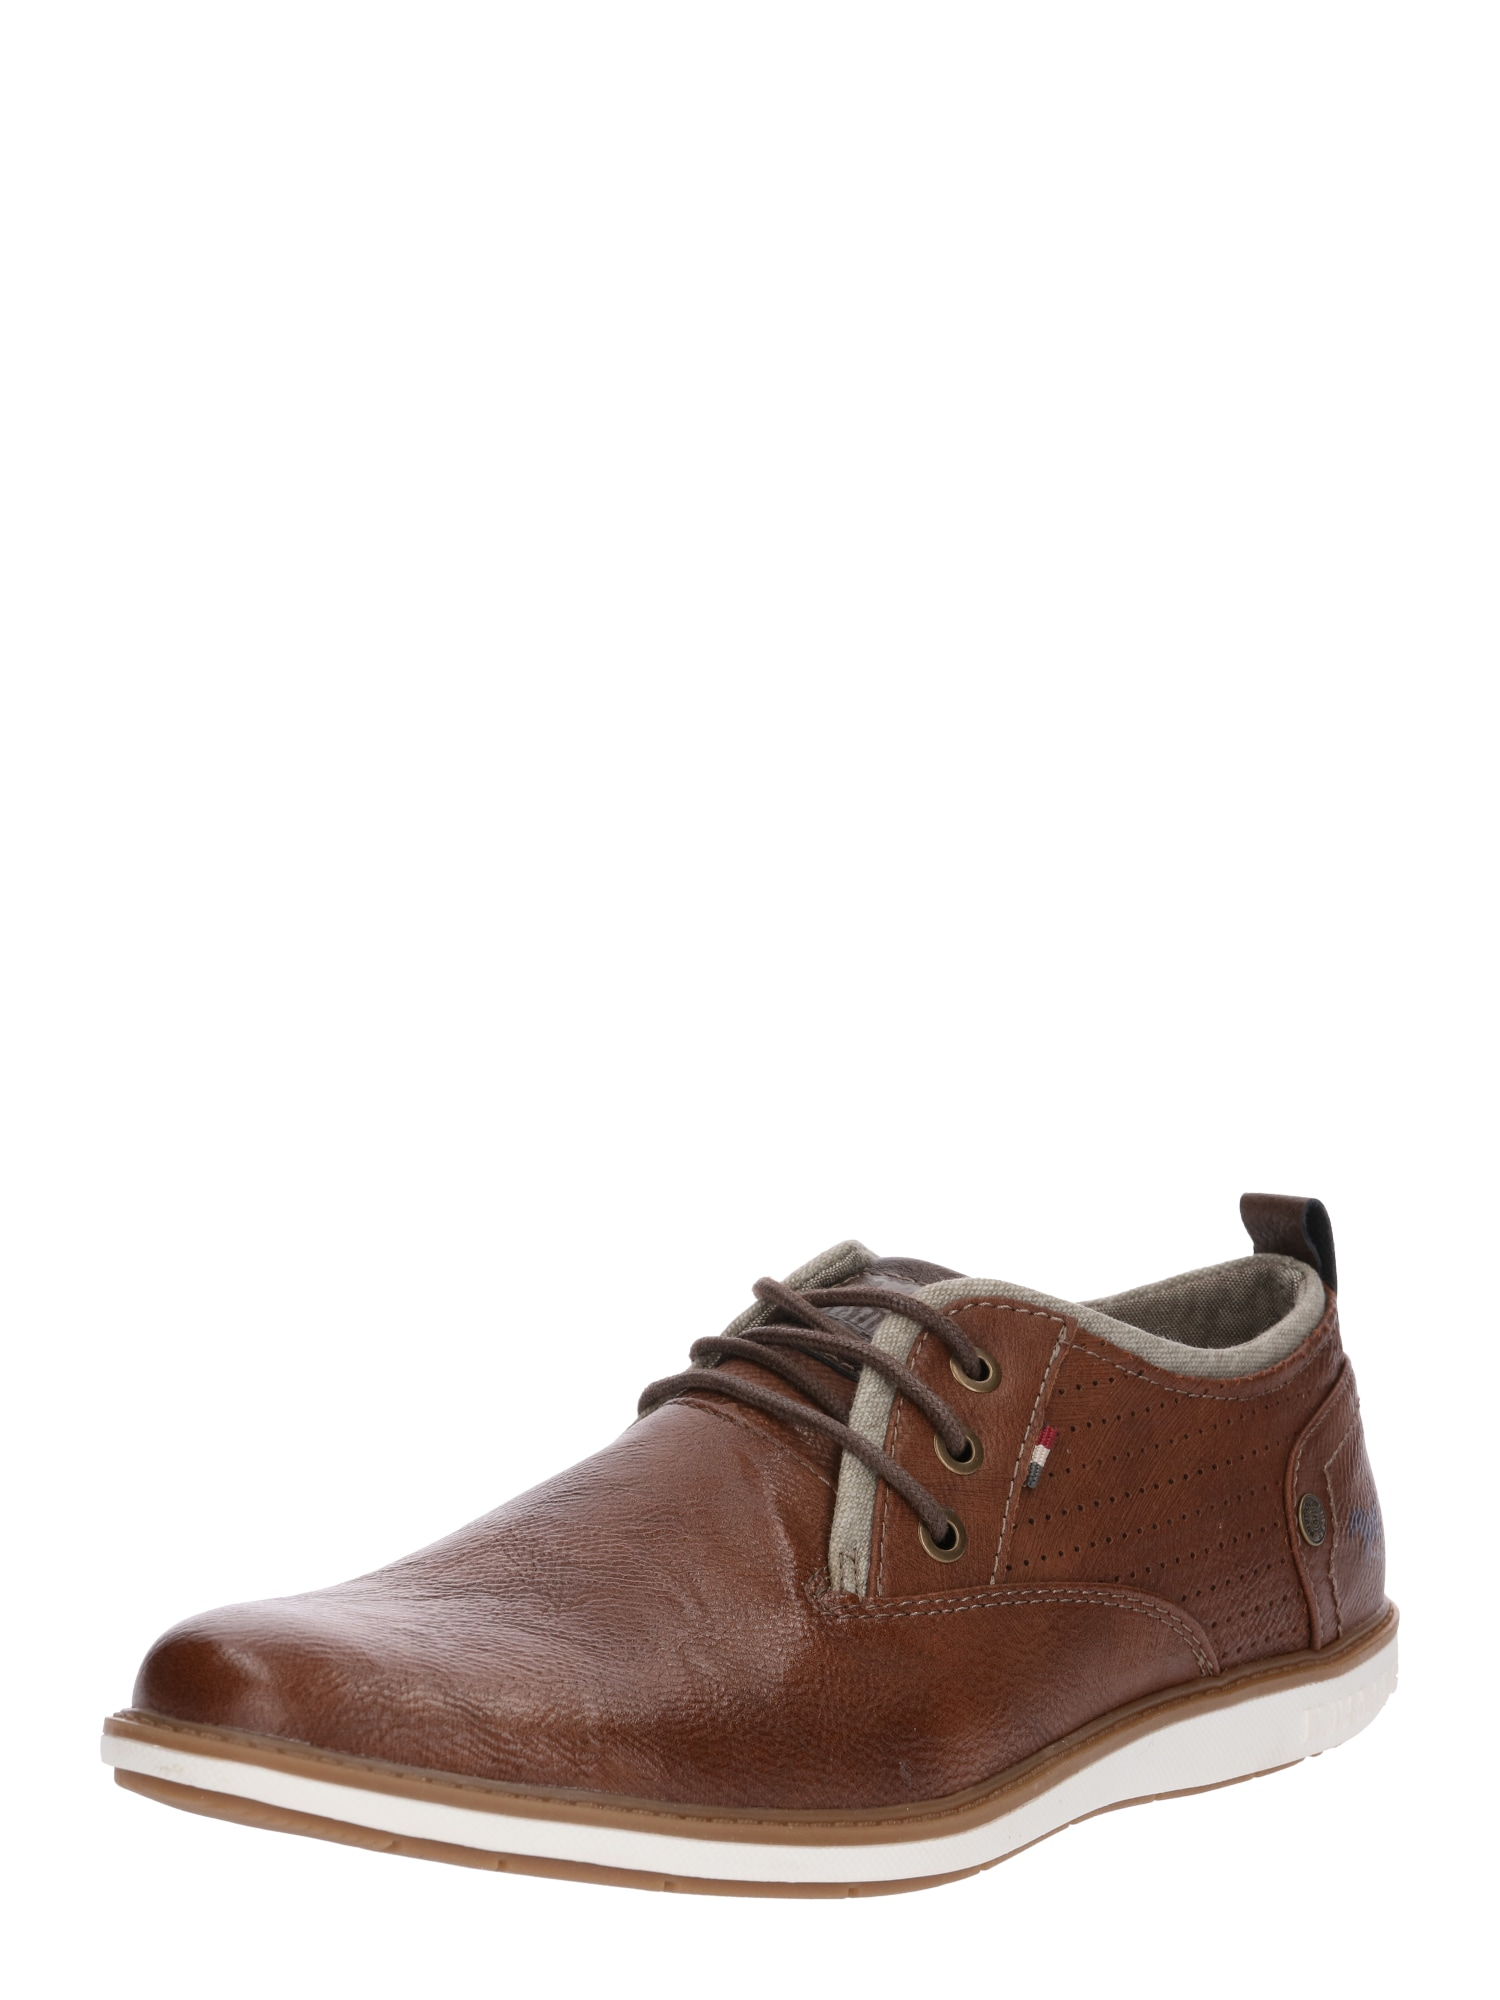 Šněrovací boty 4111303 koňaková MUSTANG